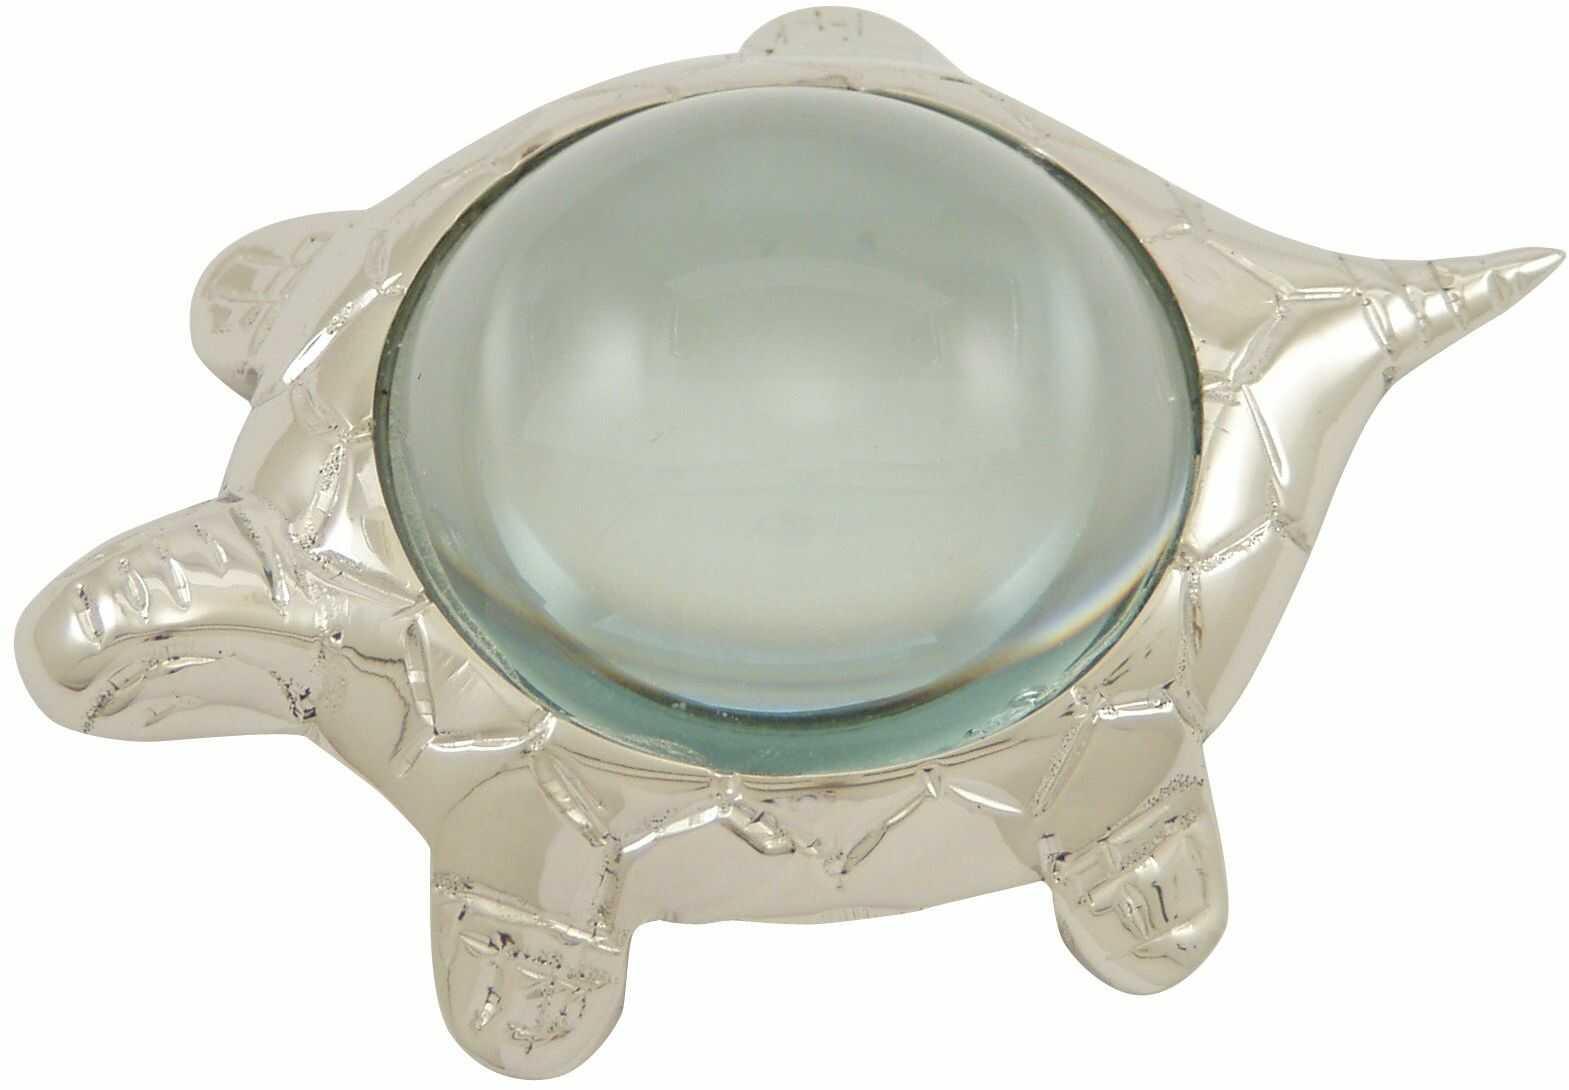 Générique 3104 lupa przycisk do papieru żółw szkło mosiądz niklowane 10 x 4 x 7,5 cm